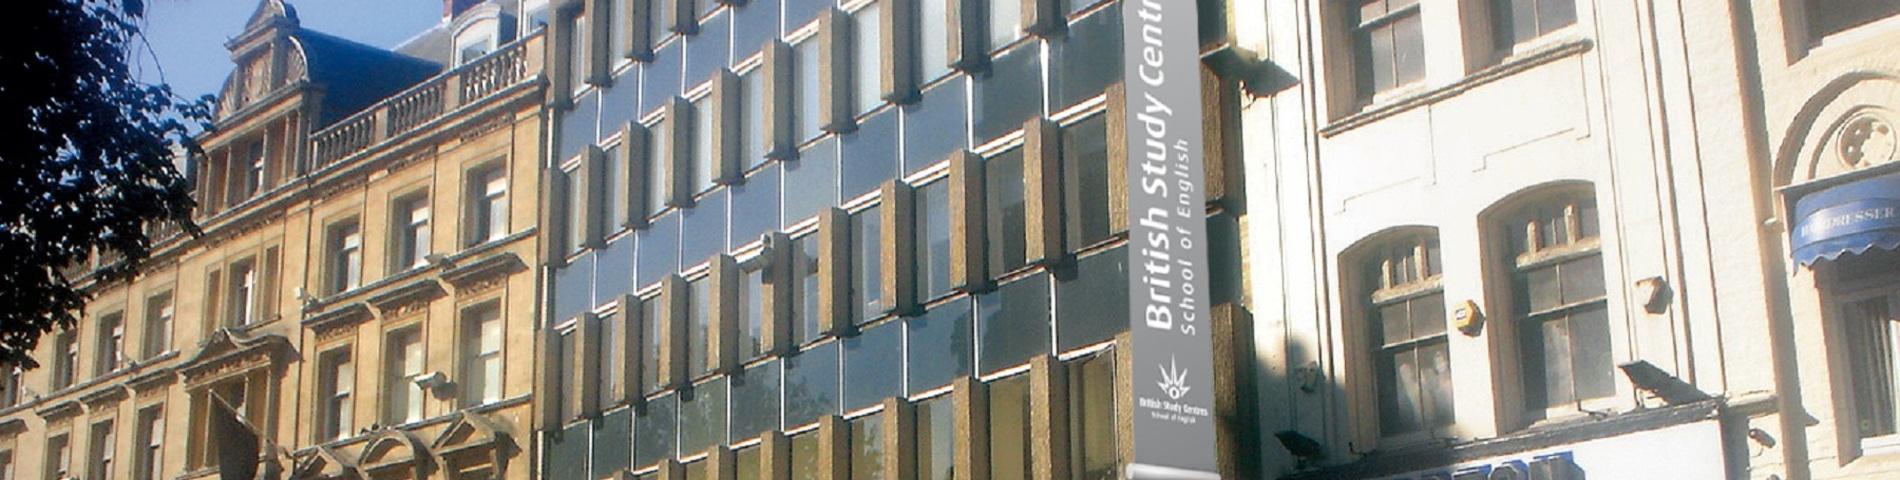 British Study Centre picture 1